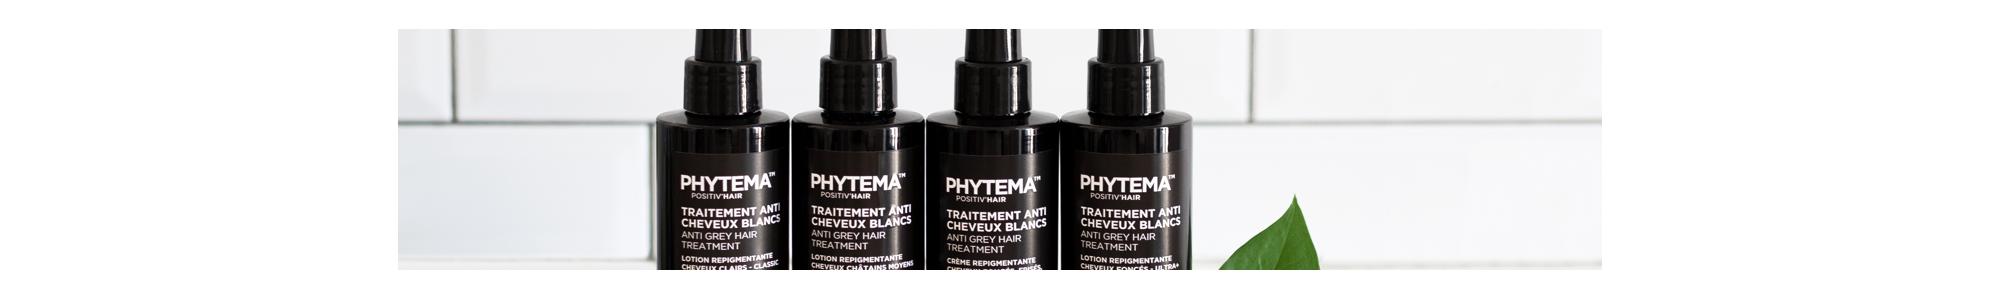 Promotions sur des cosmétiques naturels et biologiques - Phytema